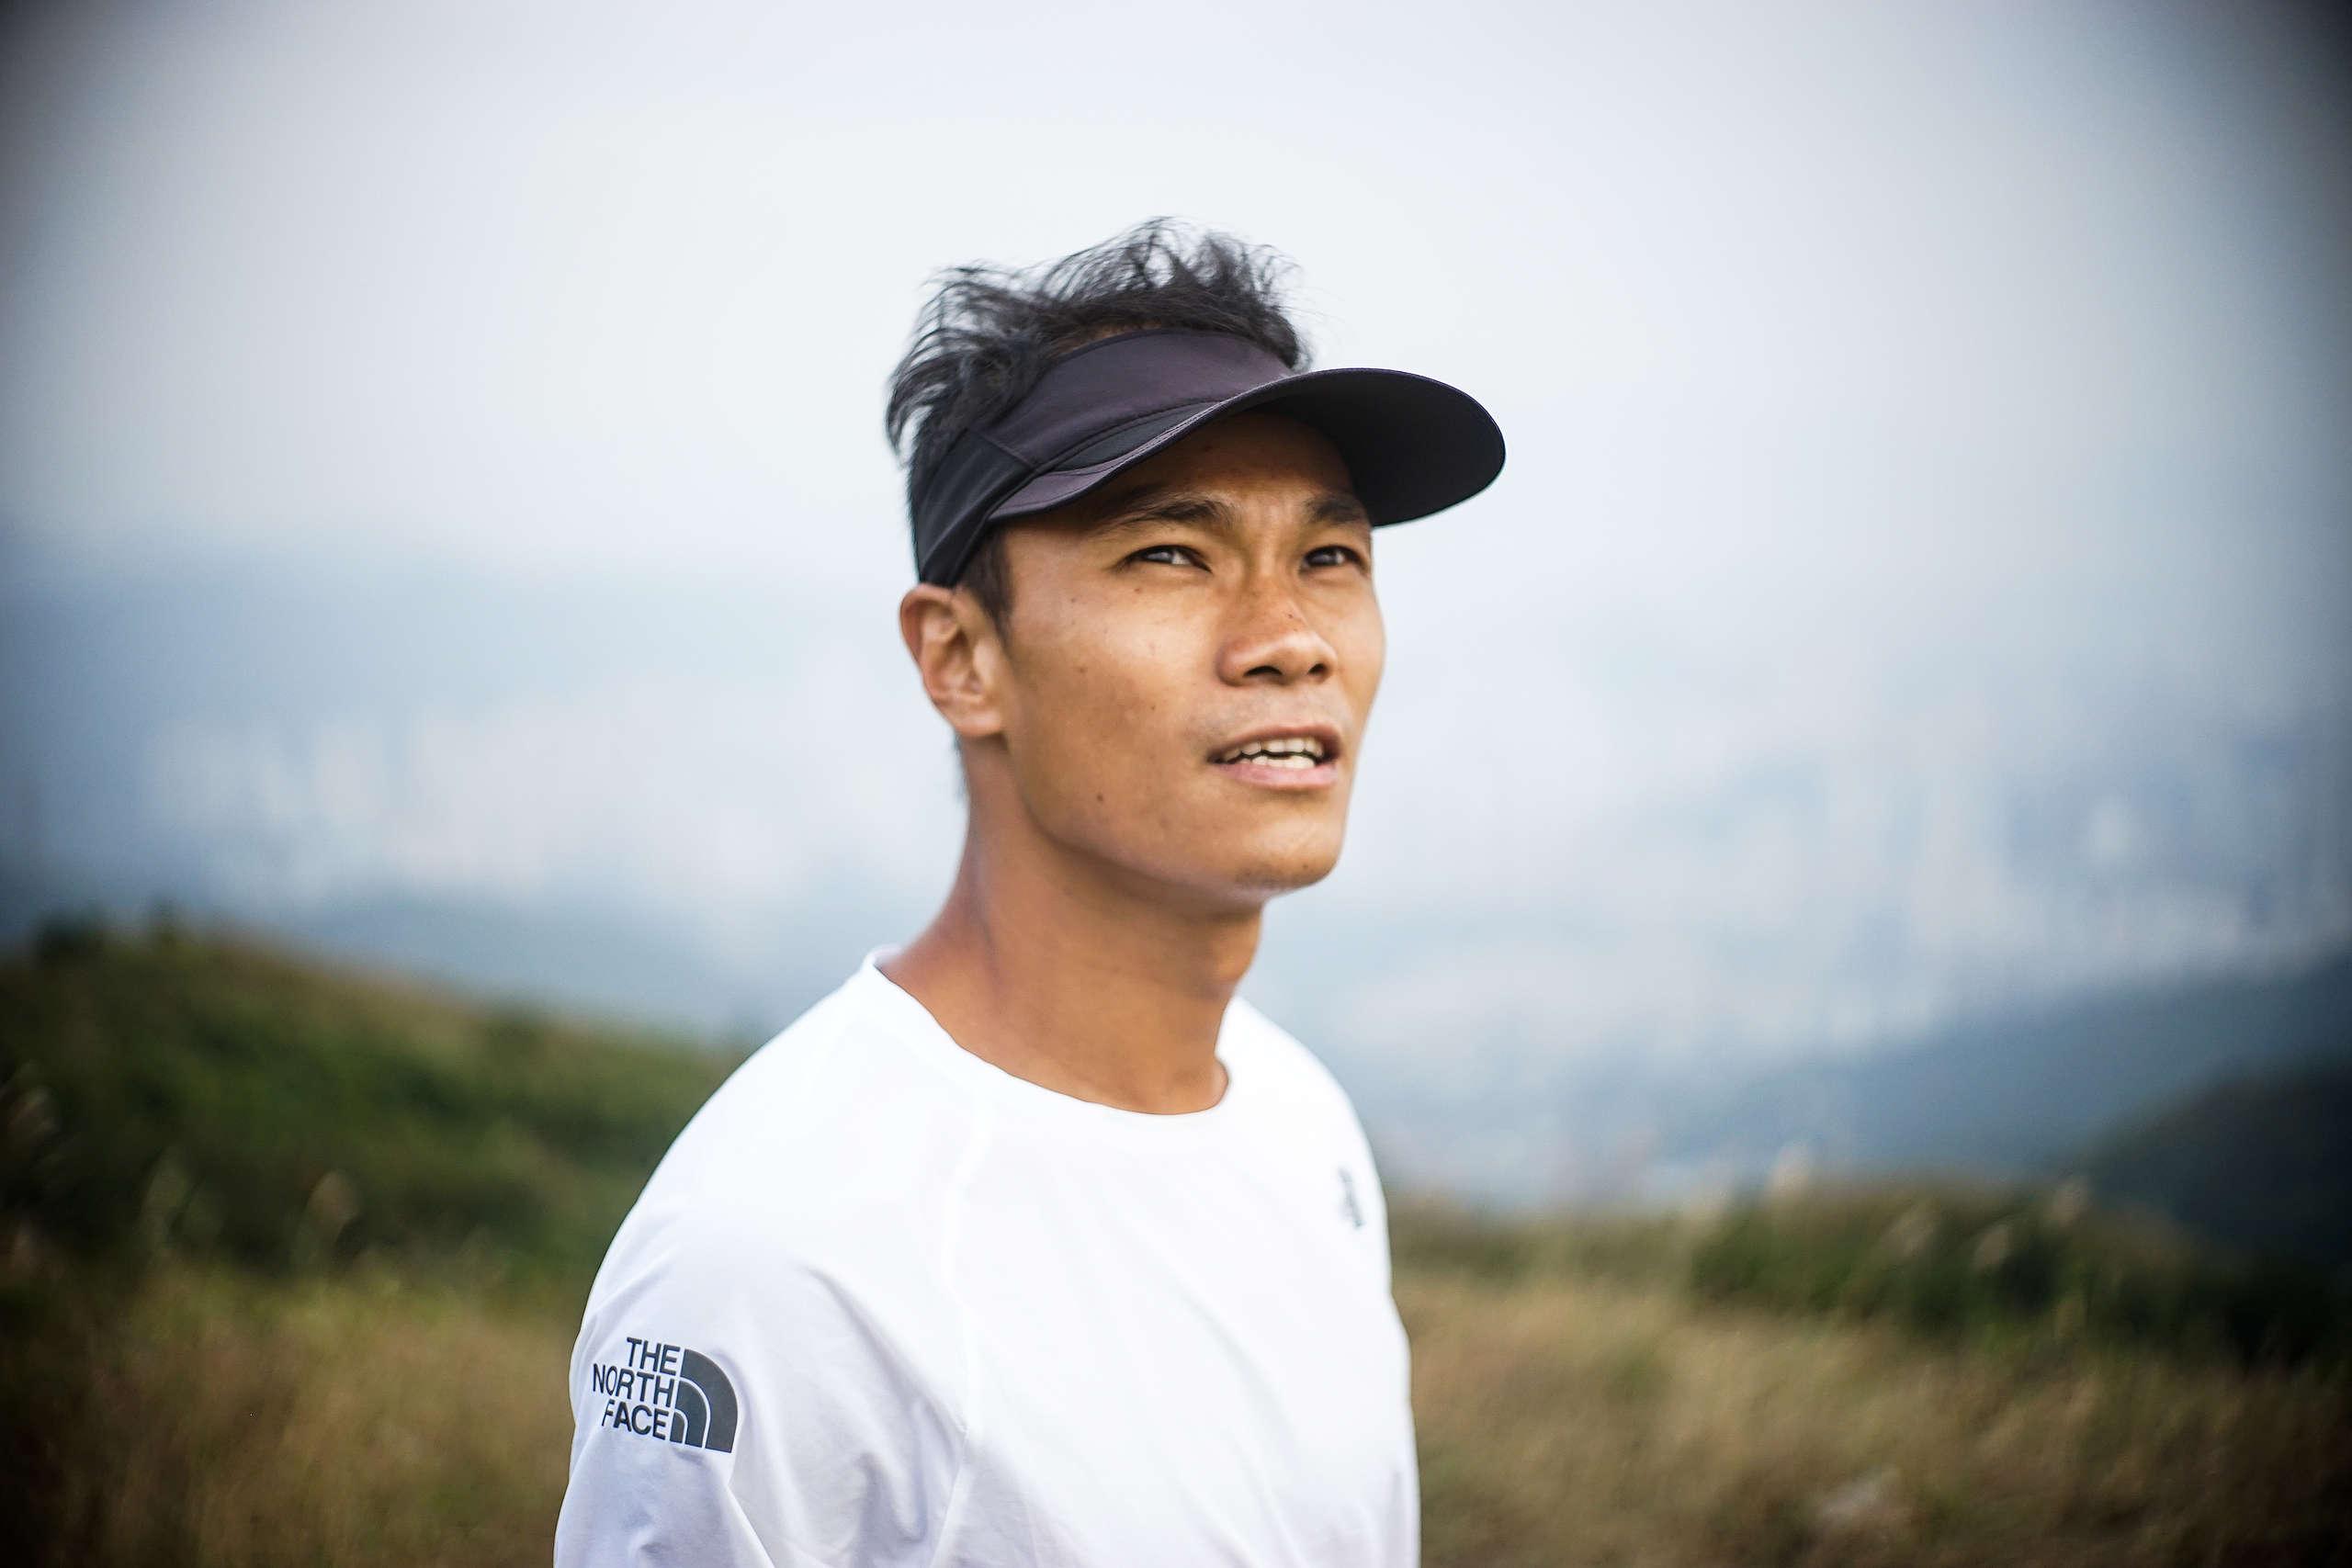 聰sir曾在網誌寫過,小時候常去的秀安村遭拆卸後,少年時的種種夢想和抱負像是隨之而去,「人的夢想,似乎很早就擱淺了。」© Kim Leung / Greenpeace